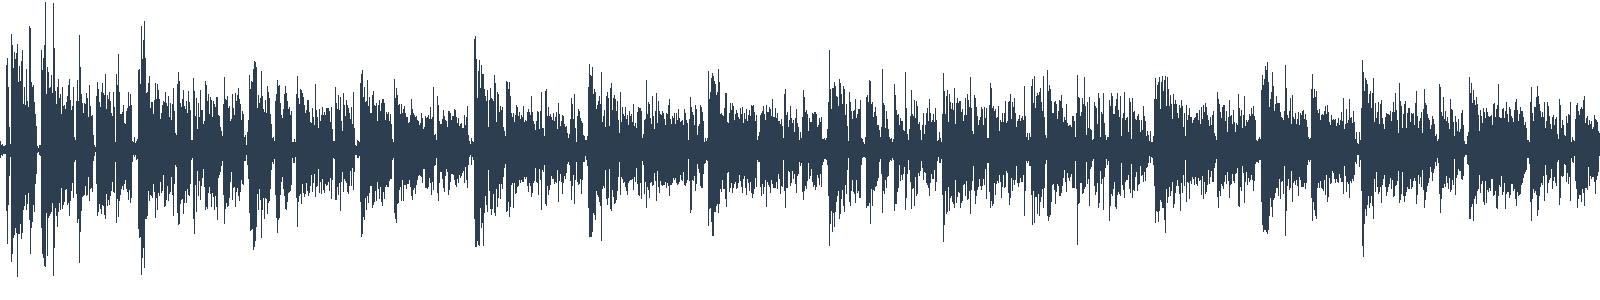 Pokračování série thrillerů a další nové audioknihy 44/2019 waveform